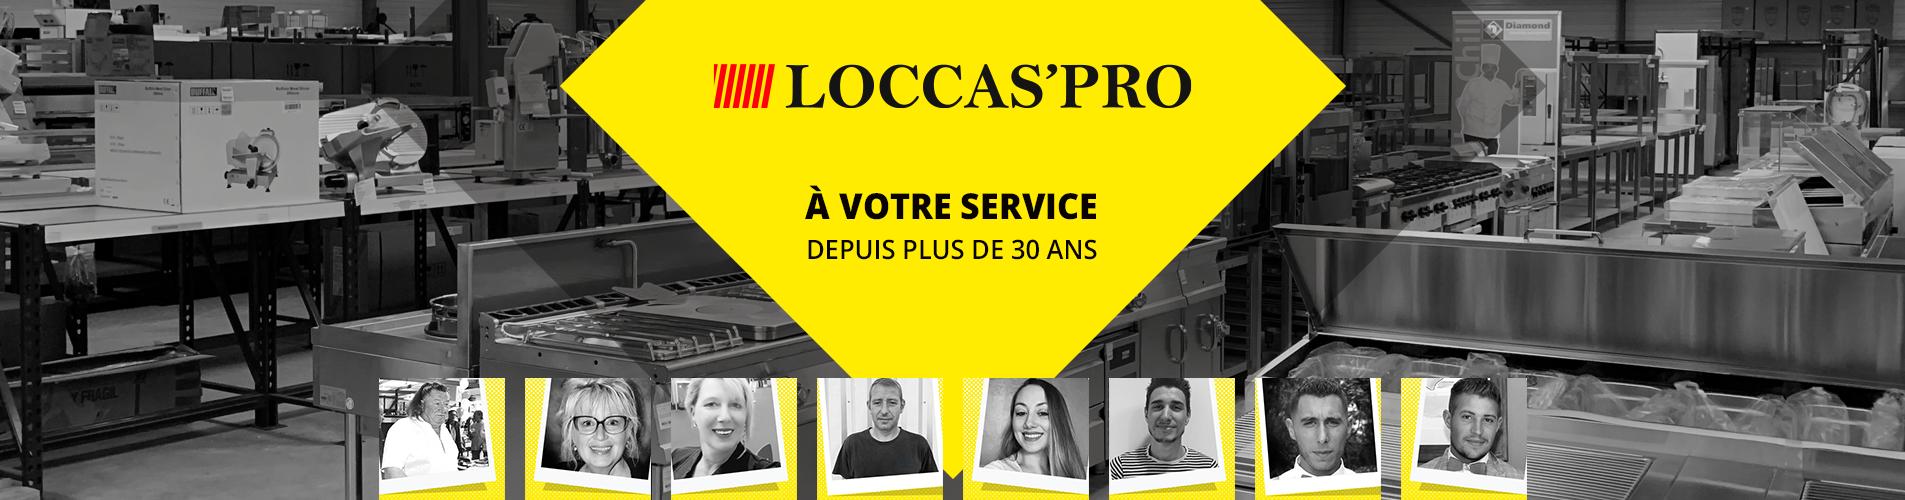 Loccaspro à votre service depuis plus de 30 ans